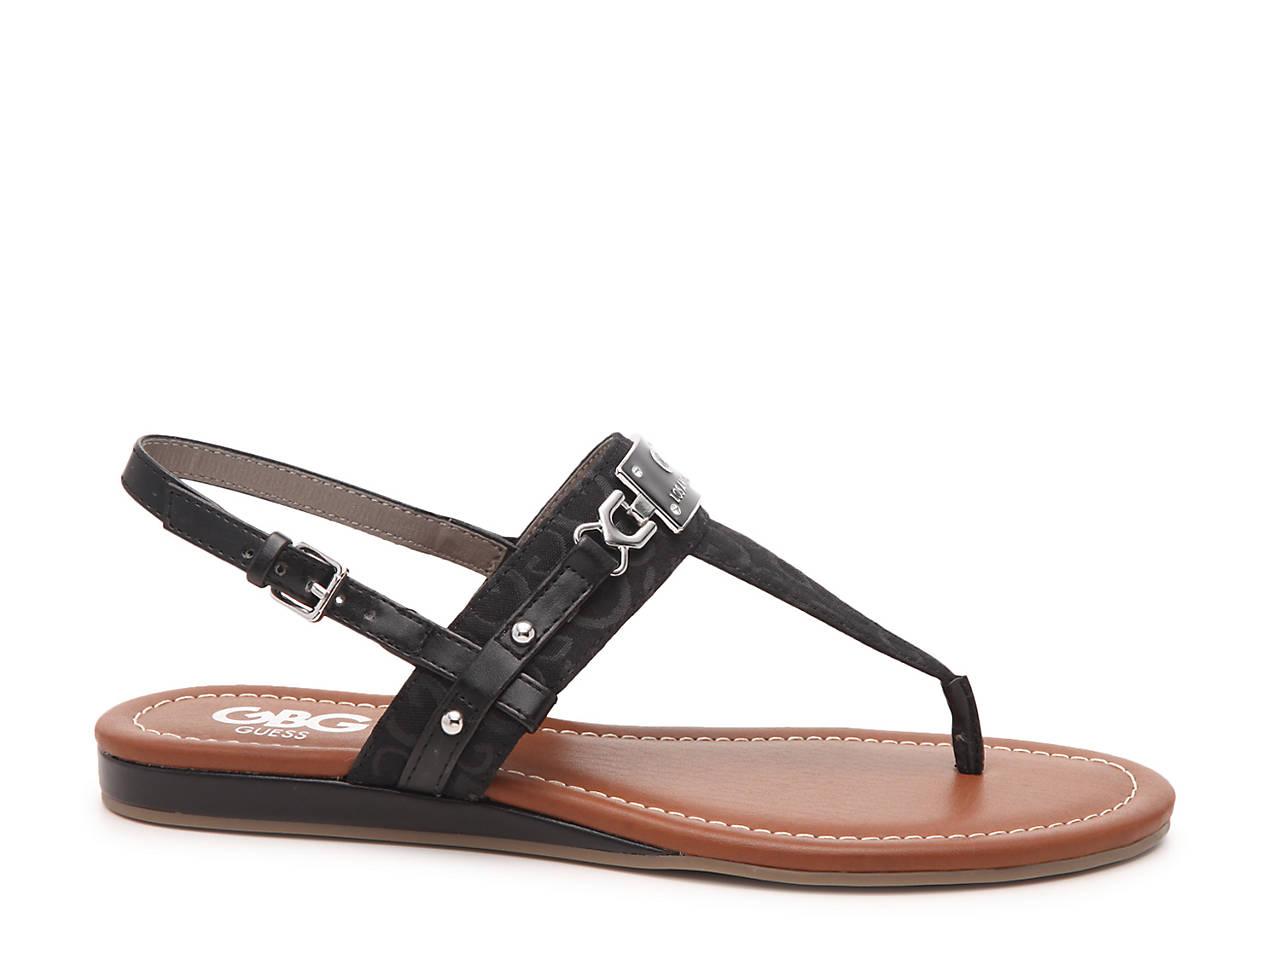 G by Guess Women Jriven Sandals